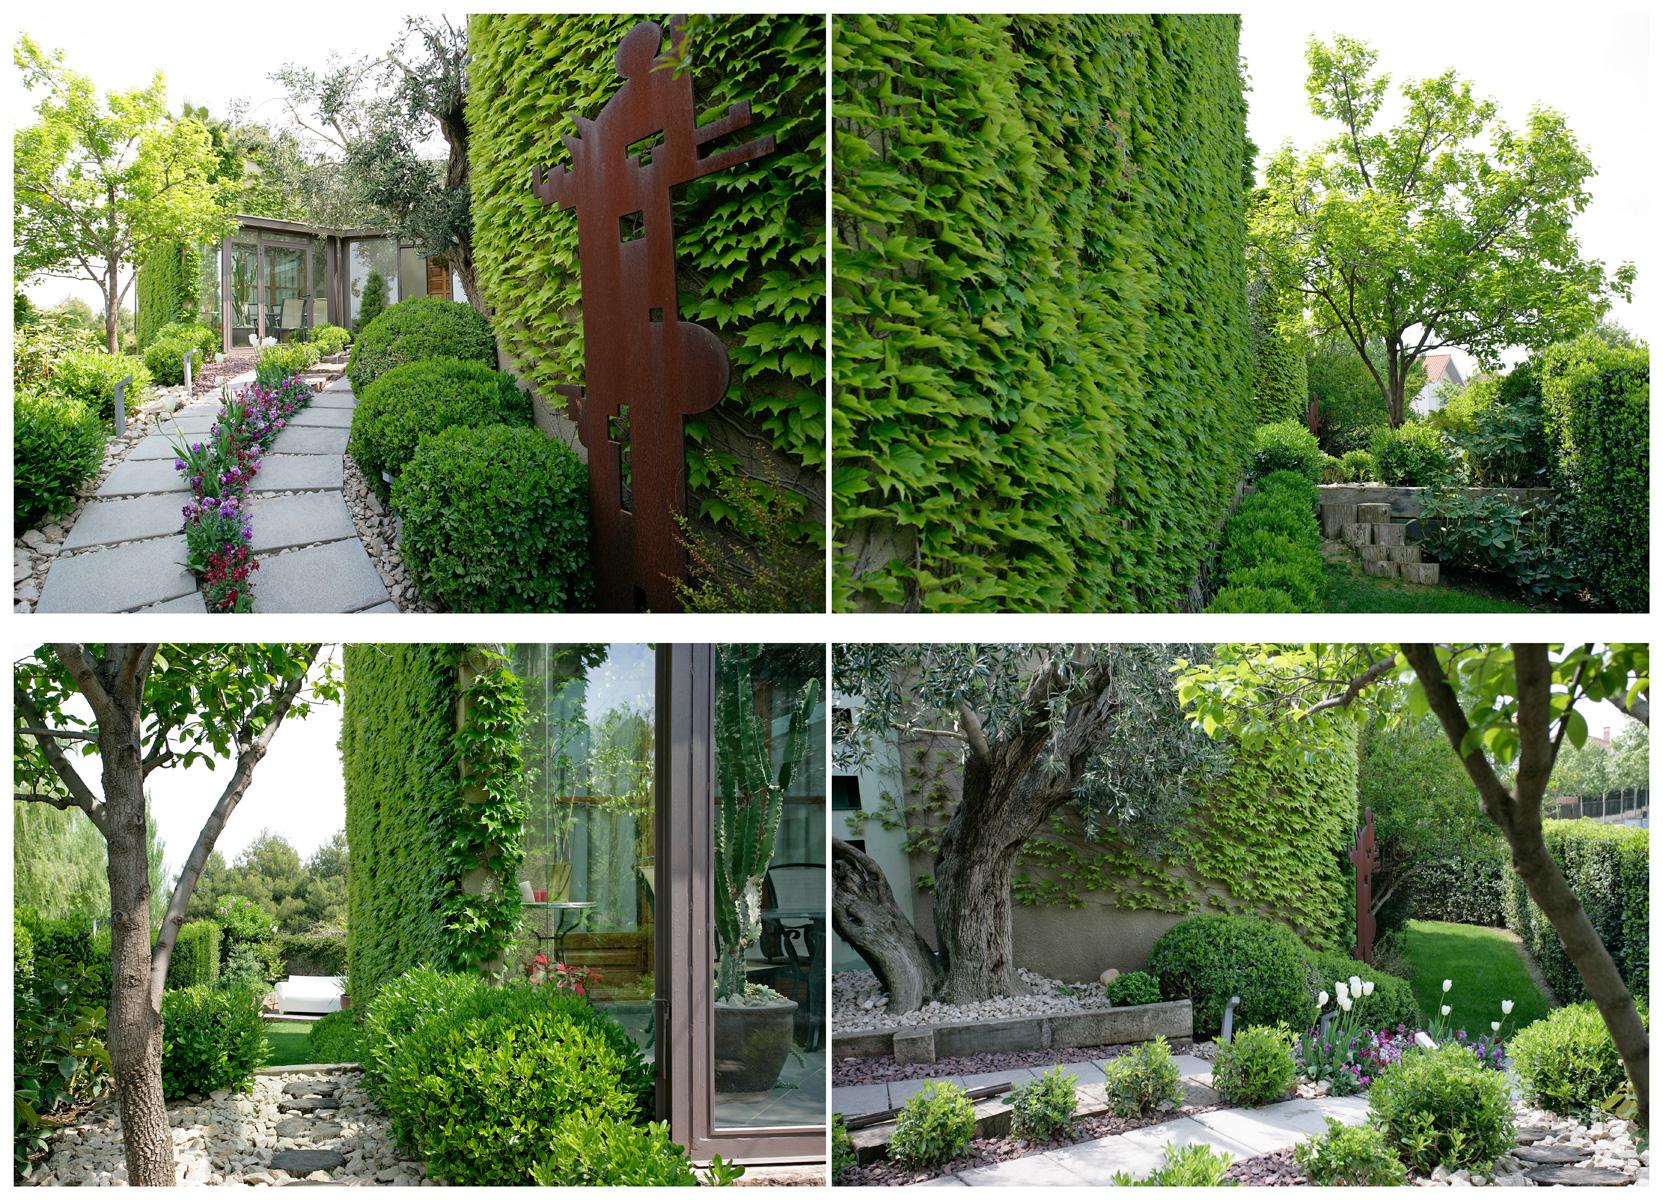 Jardiner a arquitect nica vela jardiner a for Jardineria la noguera